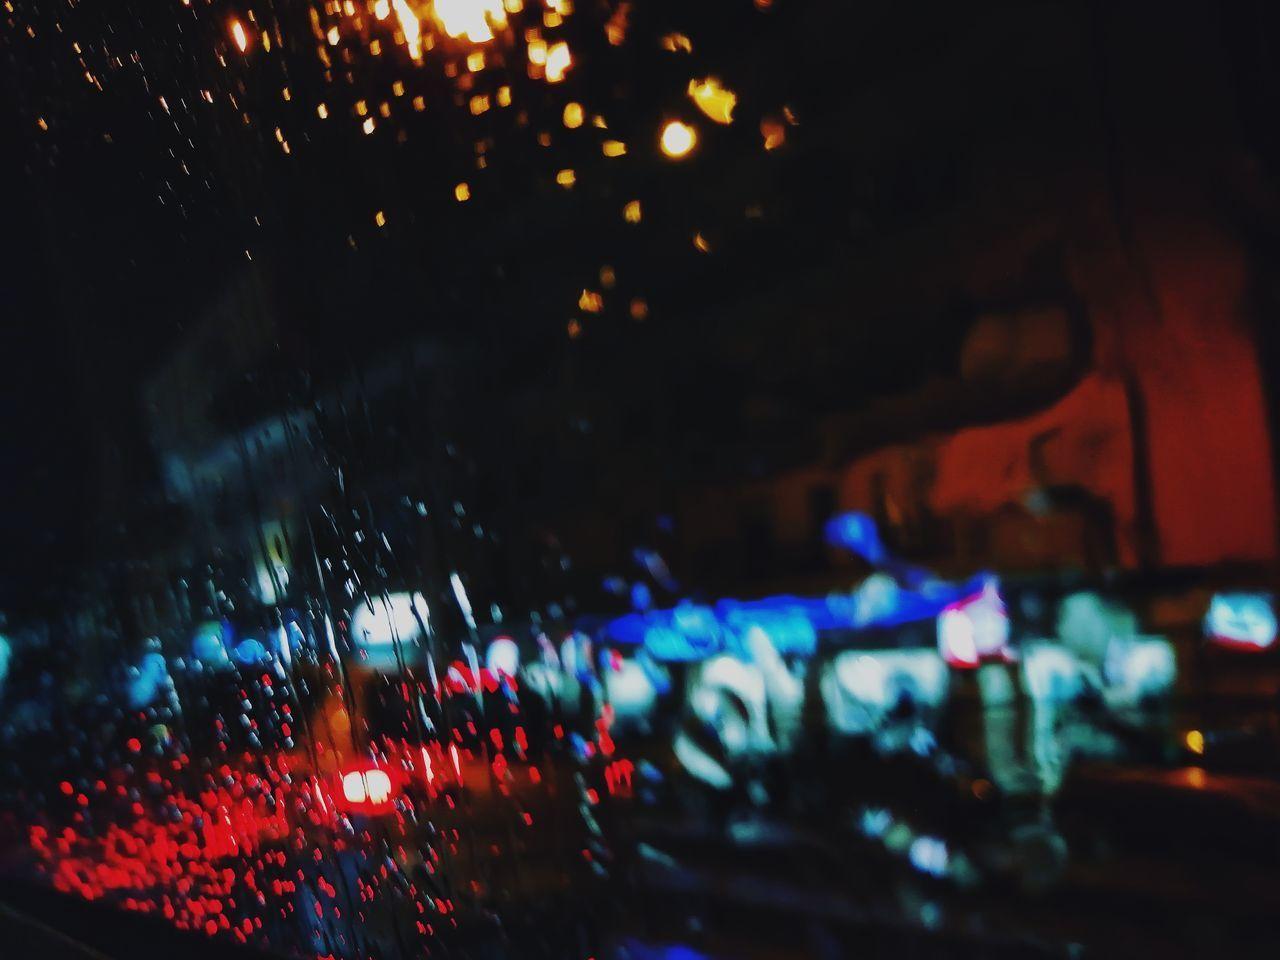 ILLUMINATED CITY SEEN THROUGH WET WINDOW